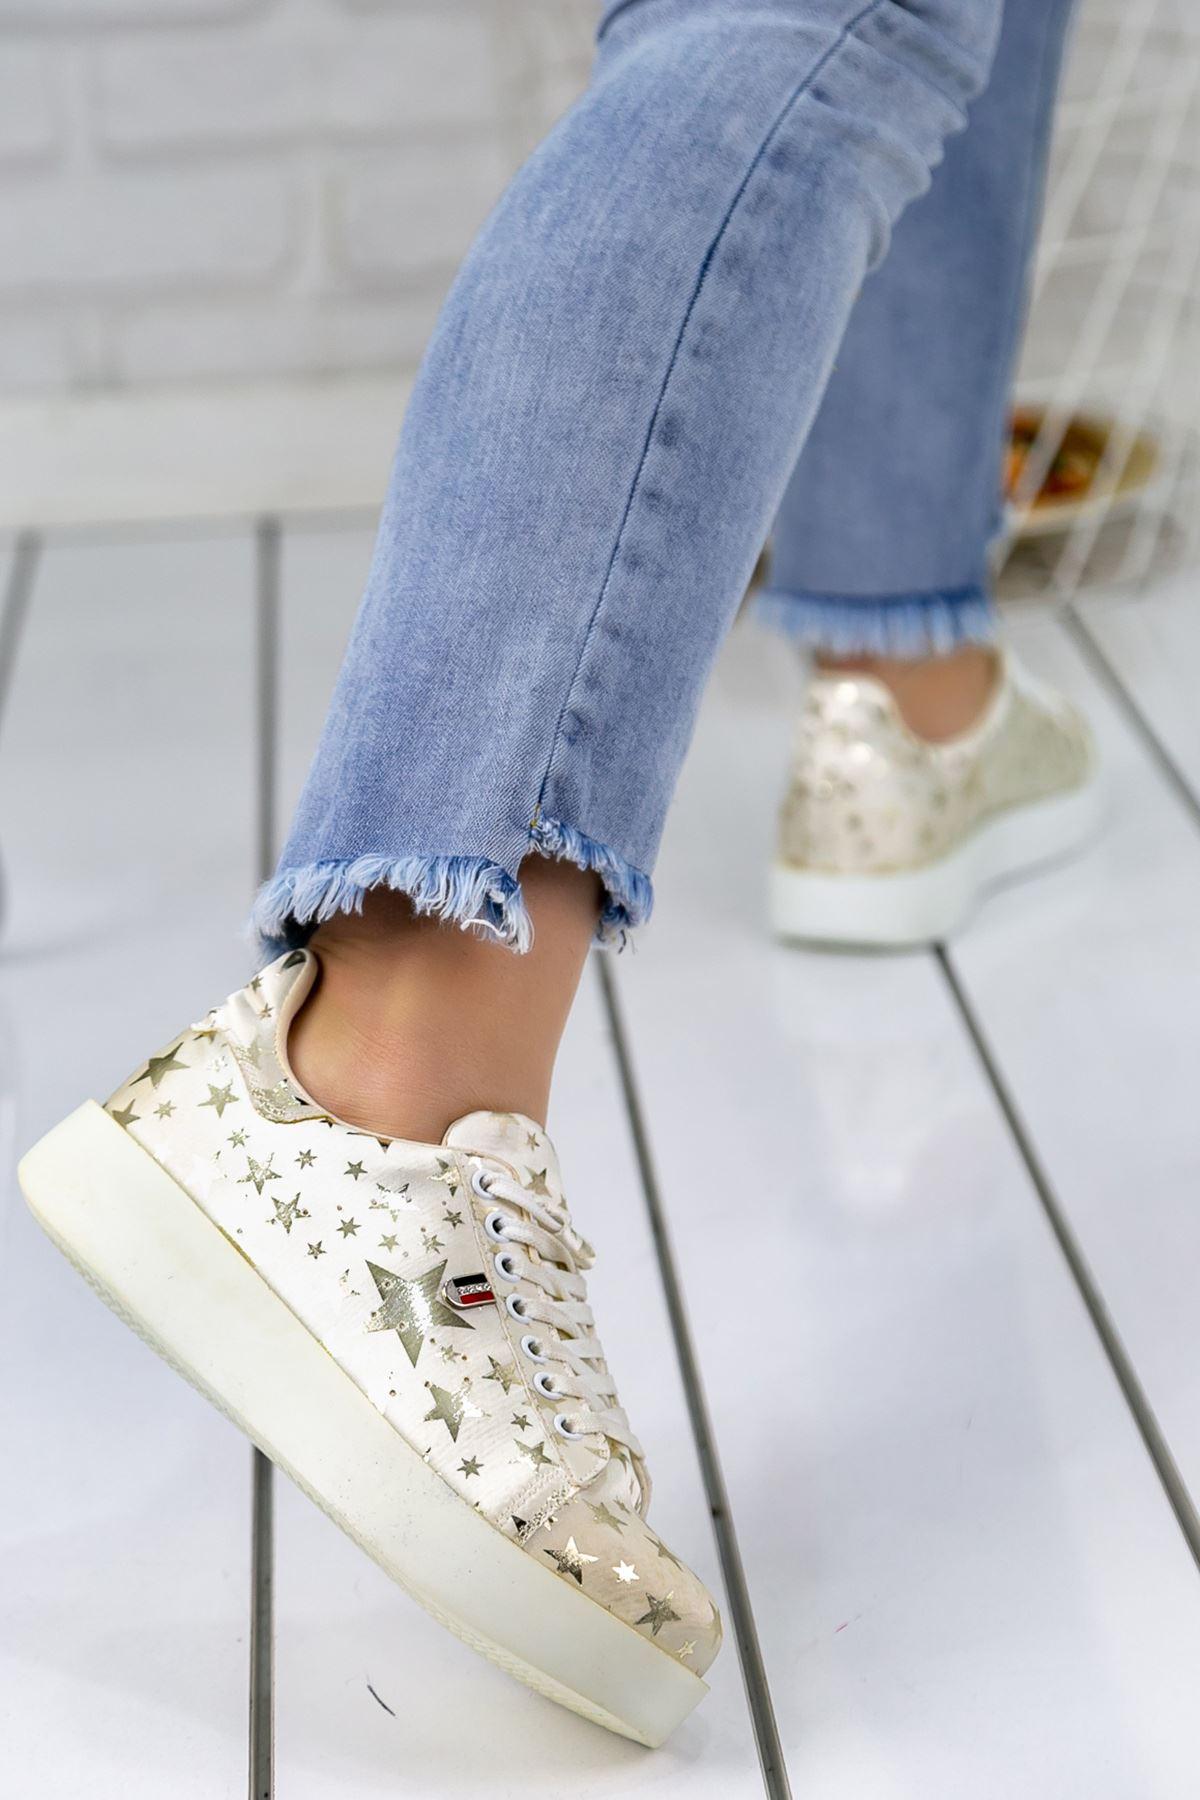 Luis Beyaz Yıldız Desenli Ortapedik Bayan Spor Ayakkabı